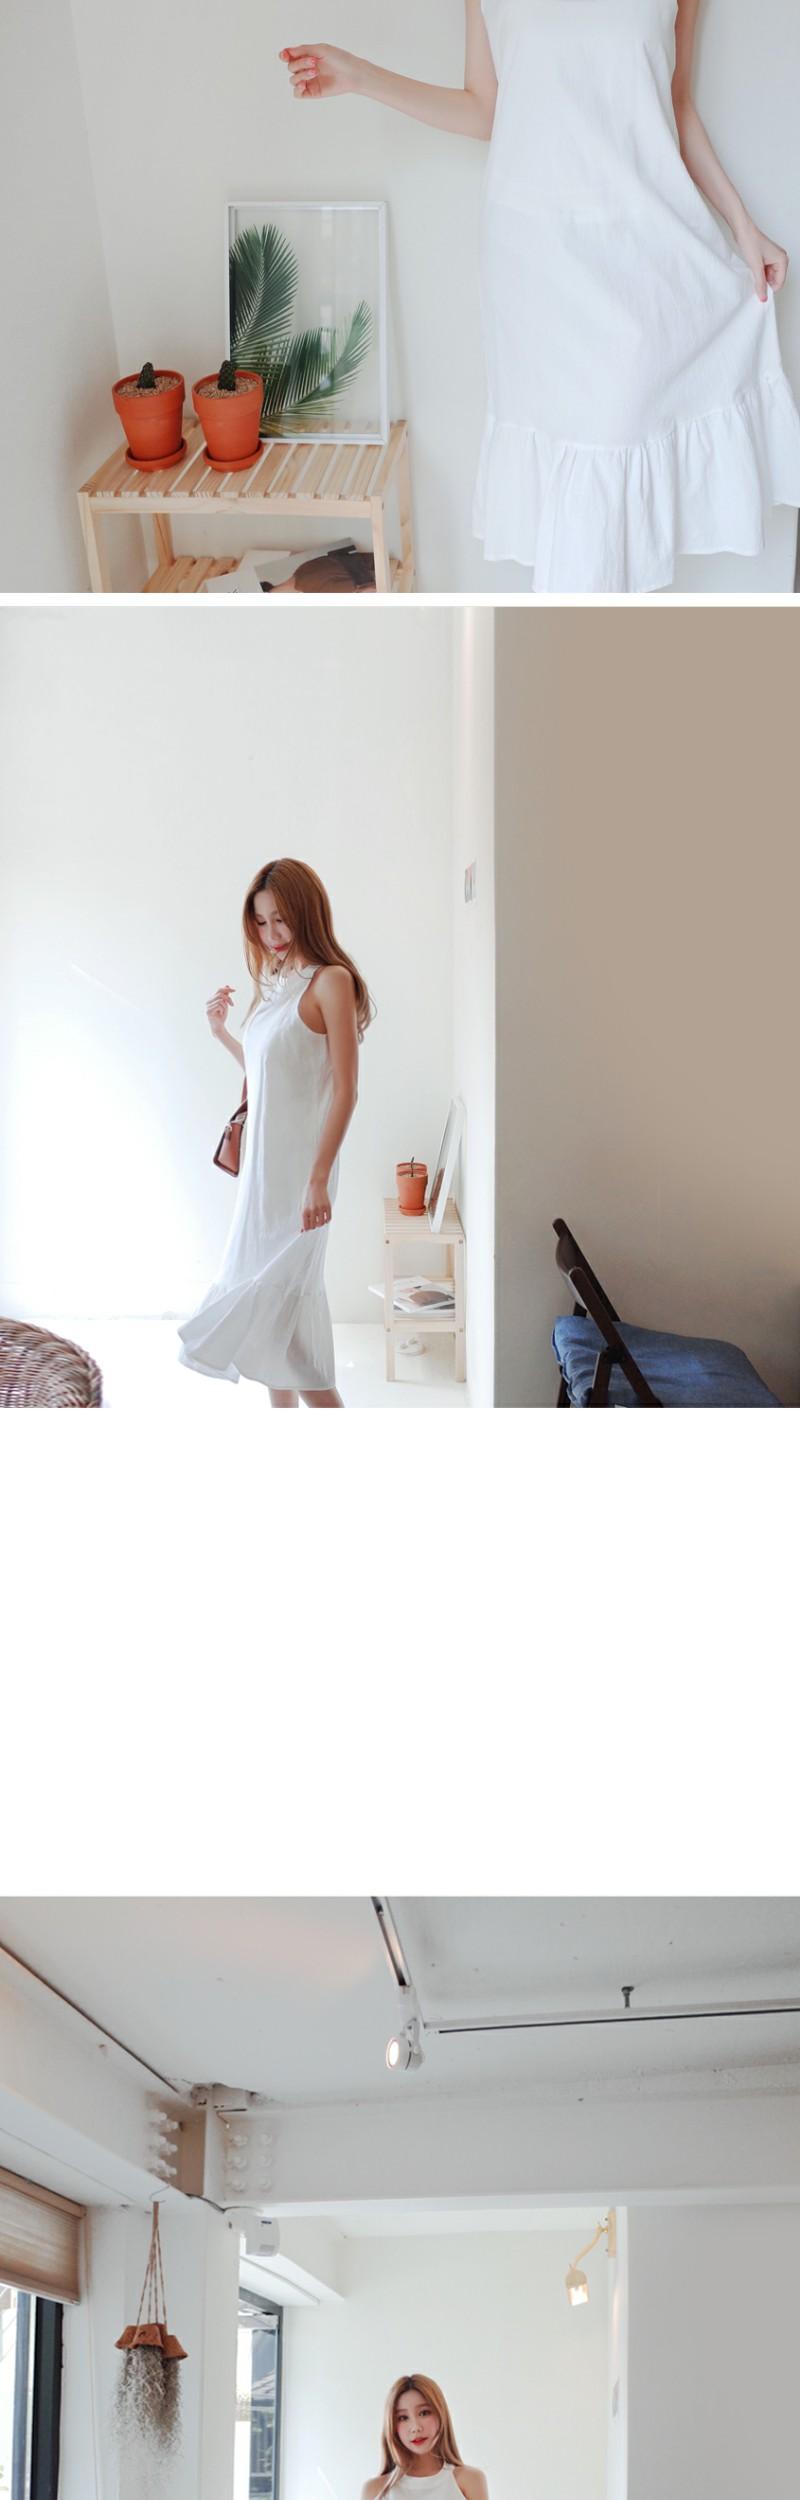 Neckline Holter Dress